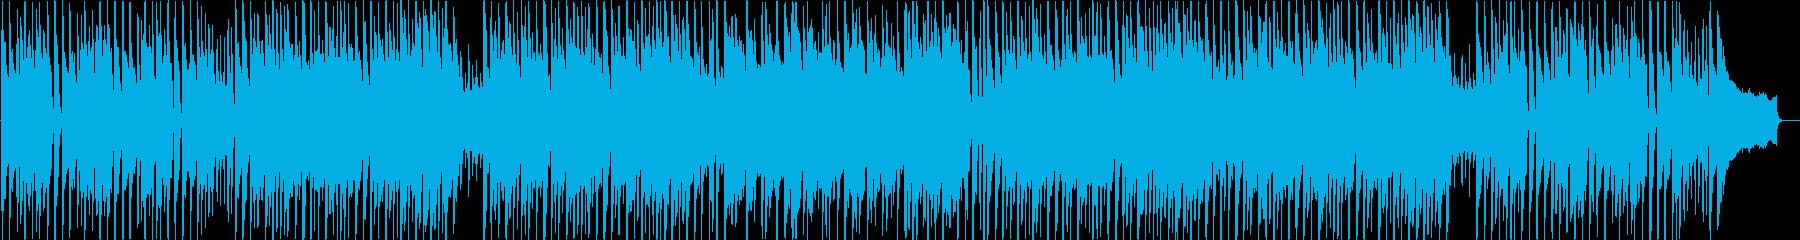 ハッピー!アップテンポBGM!の再生済みの波形